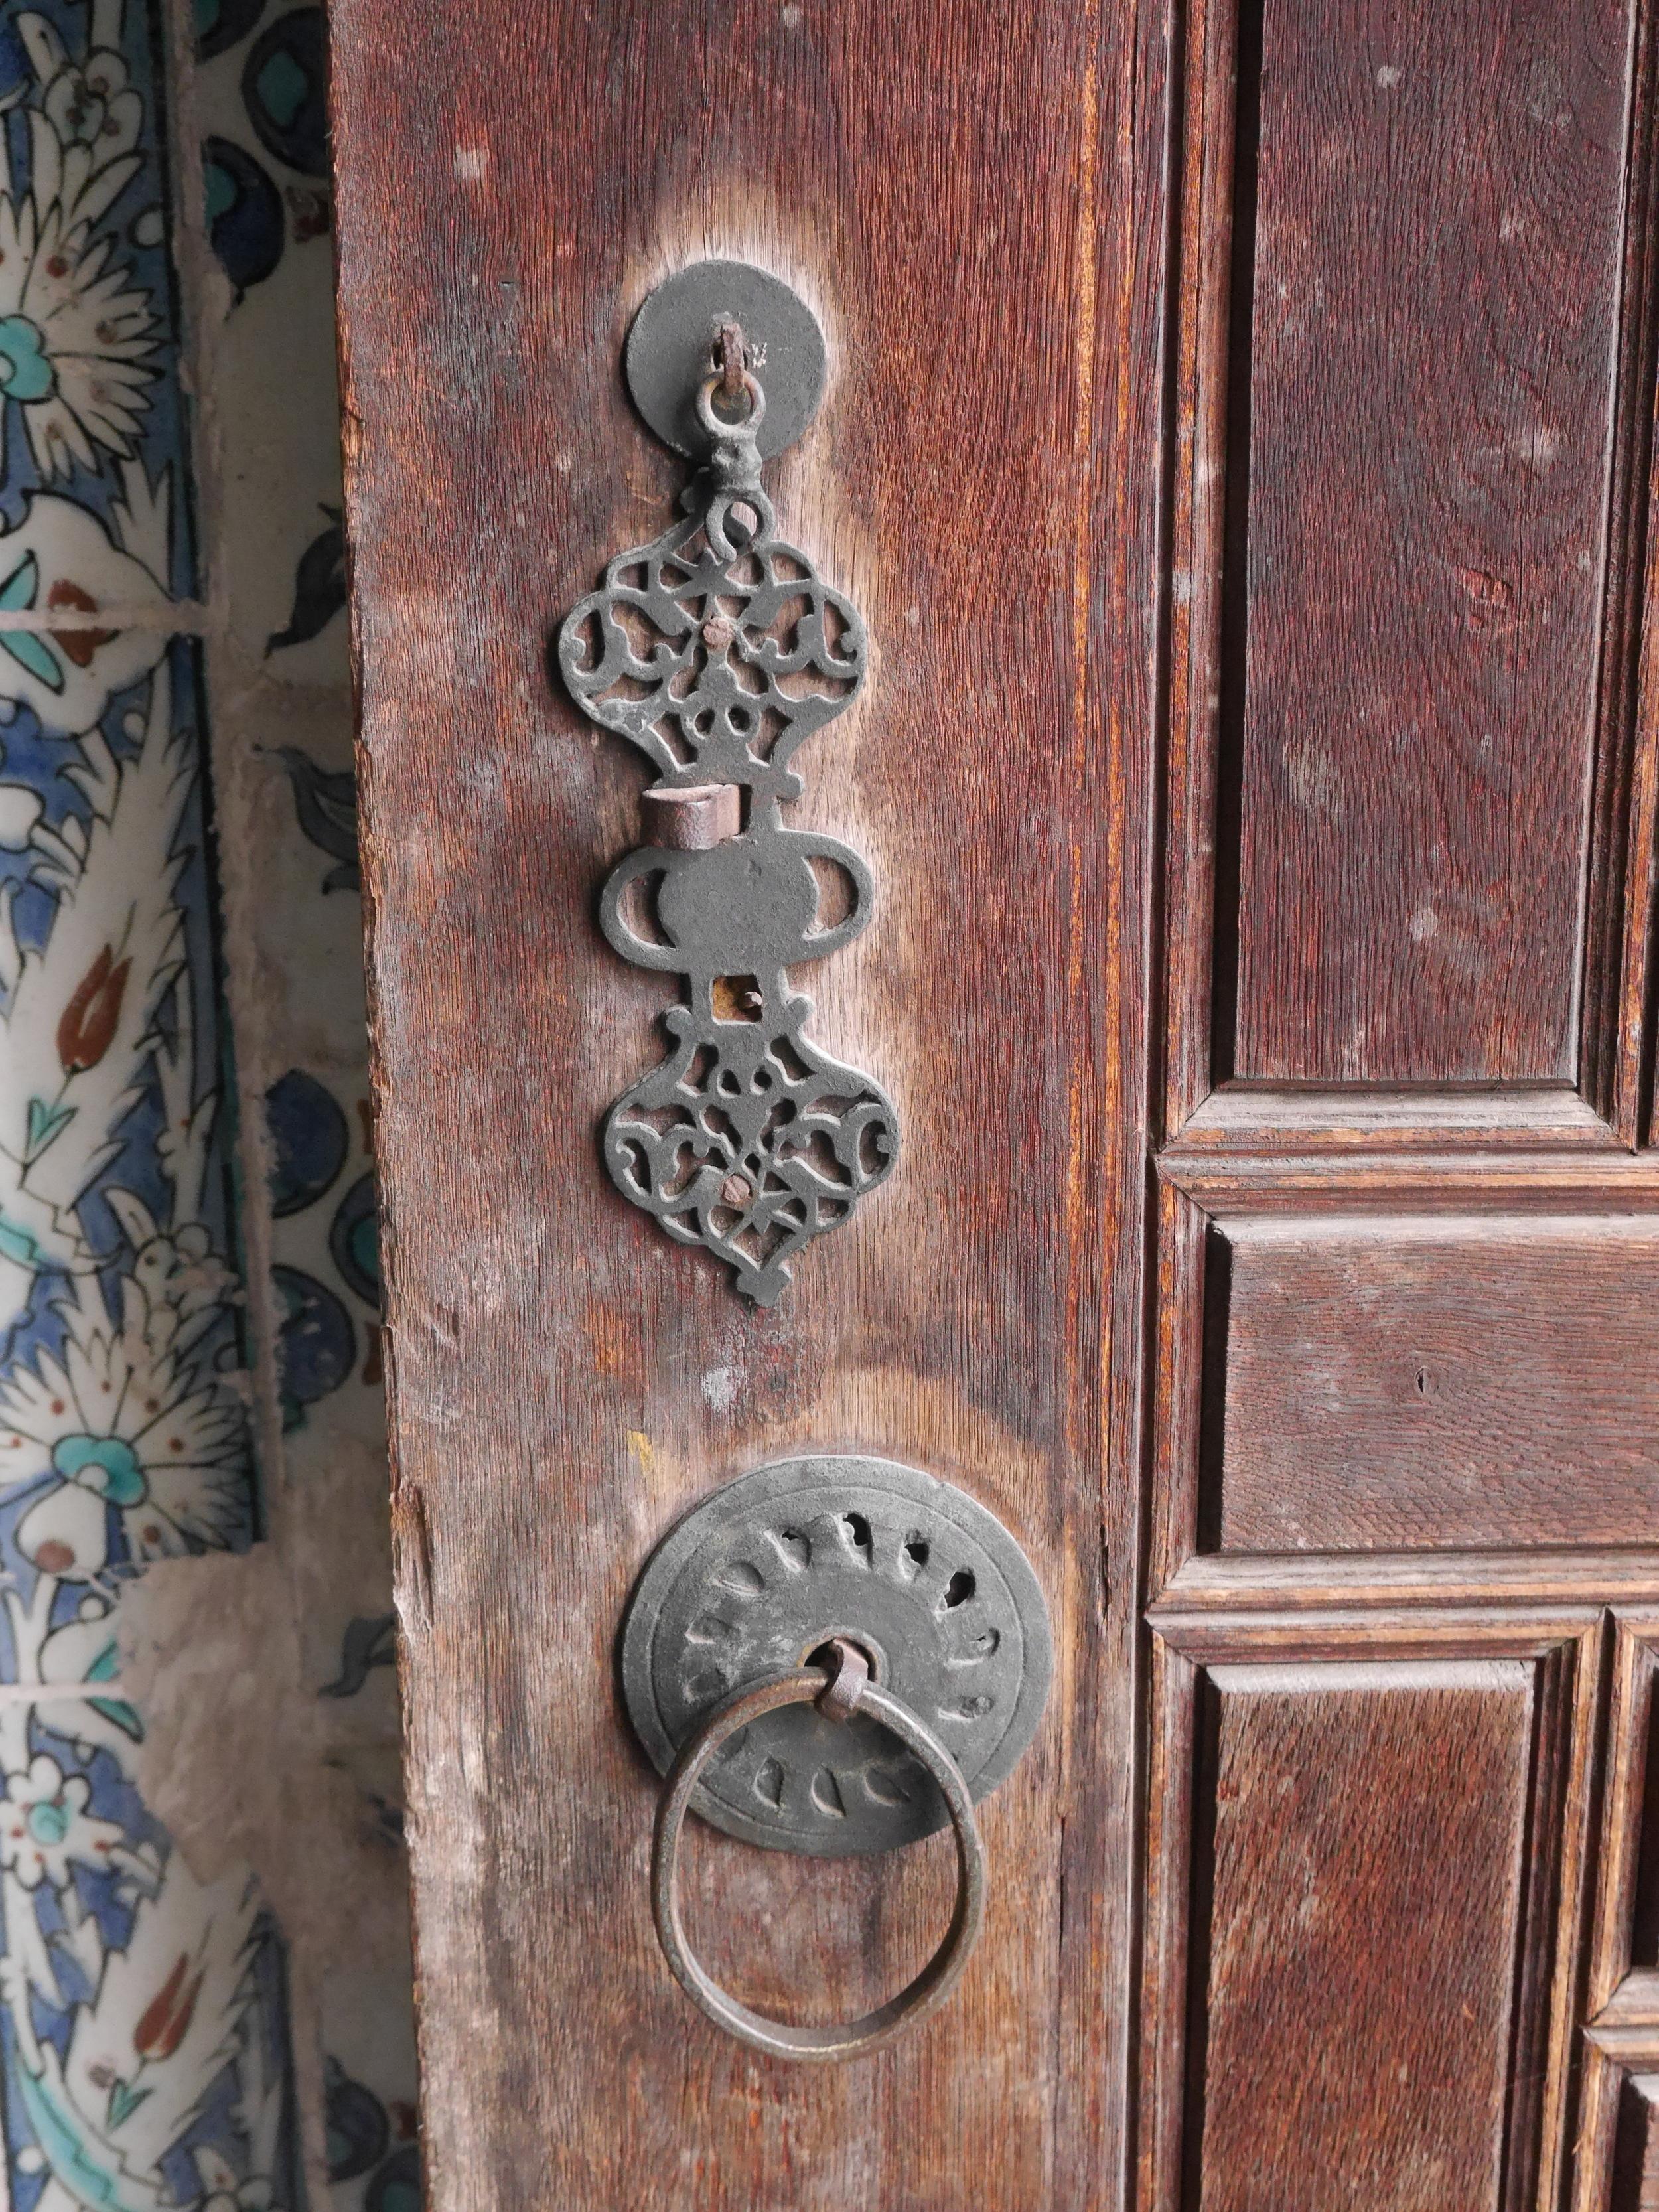 Another door handle. Sorry.